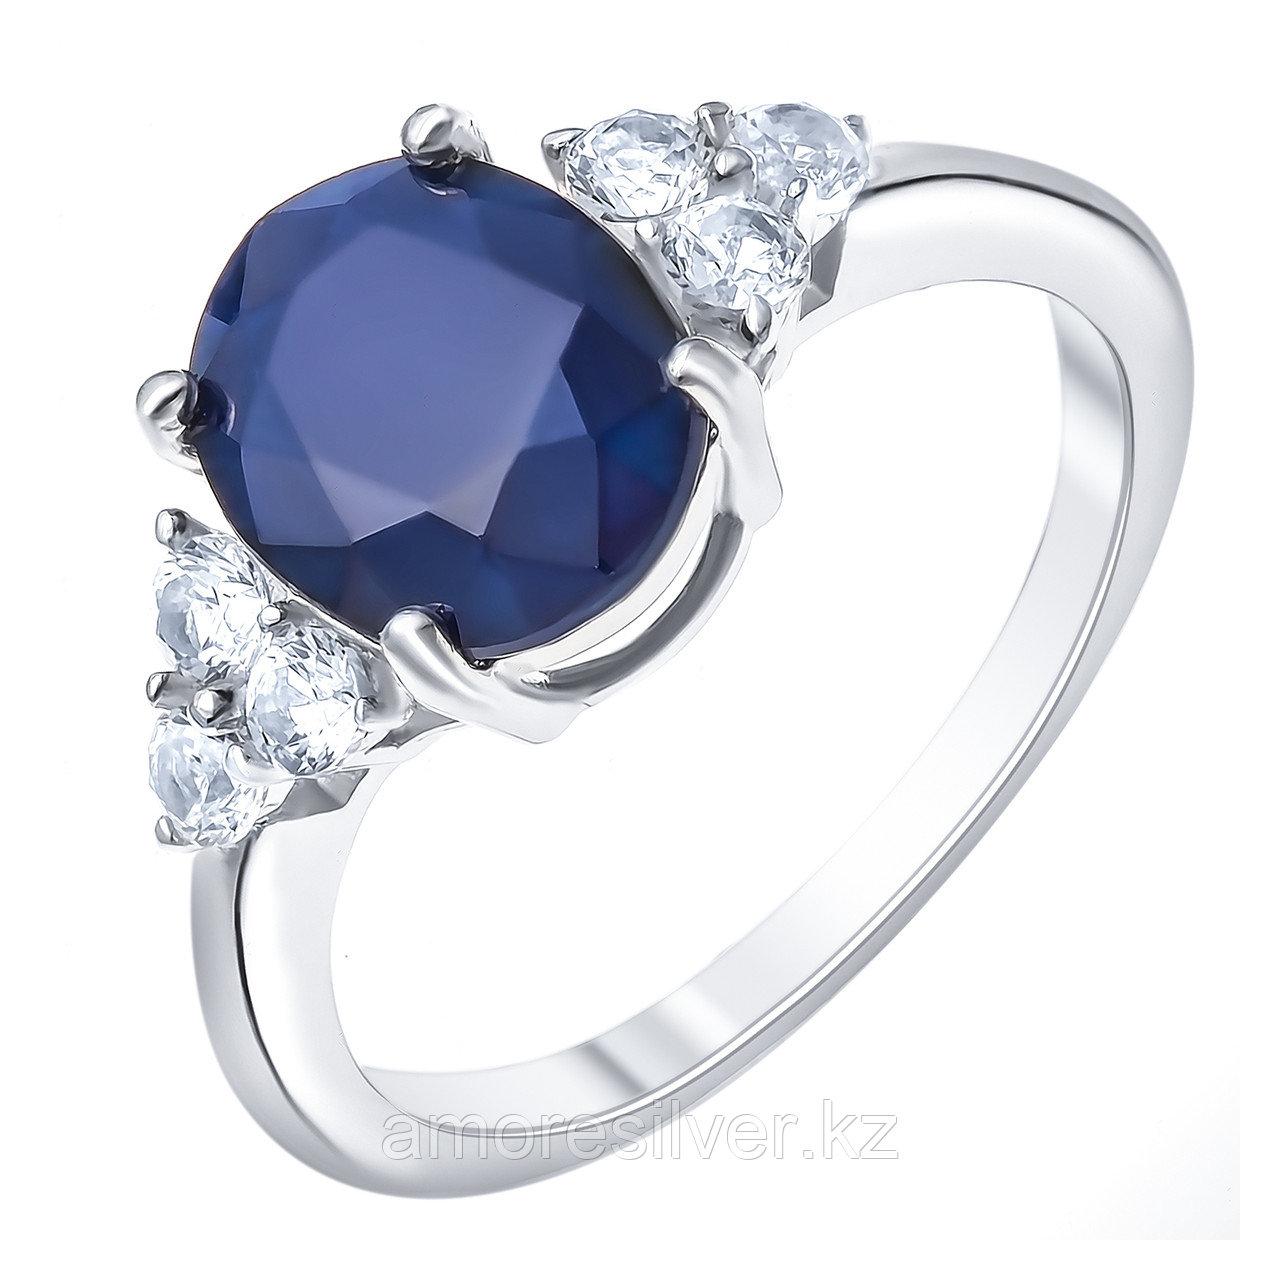 """Кольцо Teosa серебро с родием, сапфир топаз белый, """"halo"""" R-DRGR00627-SP-T размеры - 17,5"""